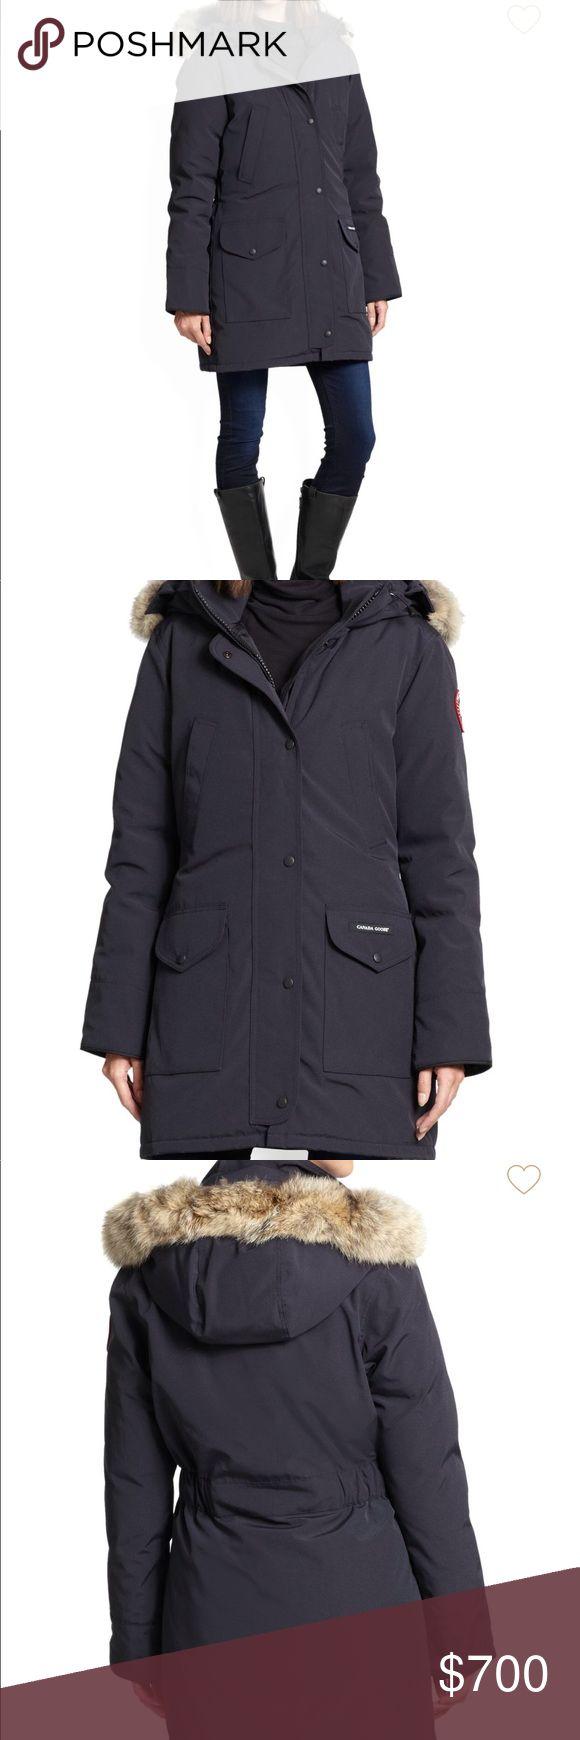 Canada goos Trillium Parka Brand new never worn Canada Goose Trillium Down Parka Canada Goose Jackets & Coats